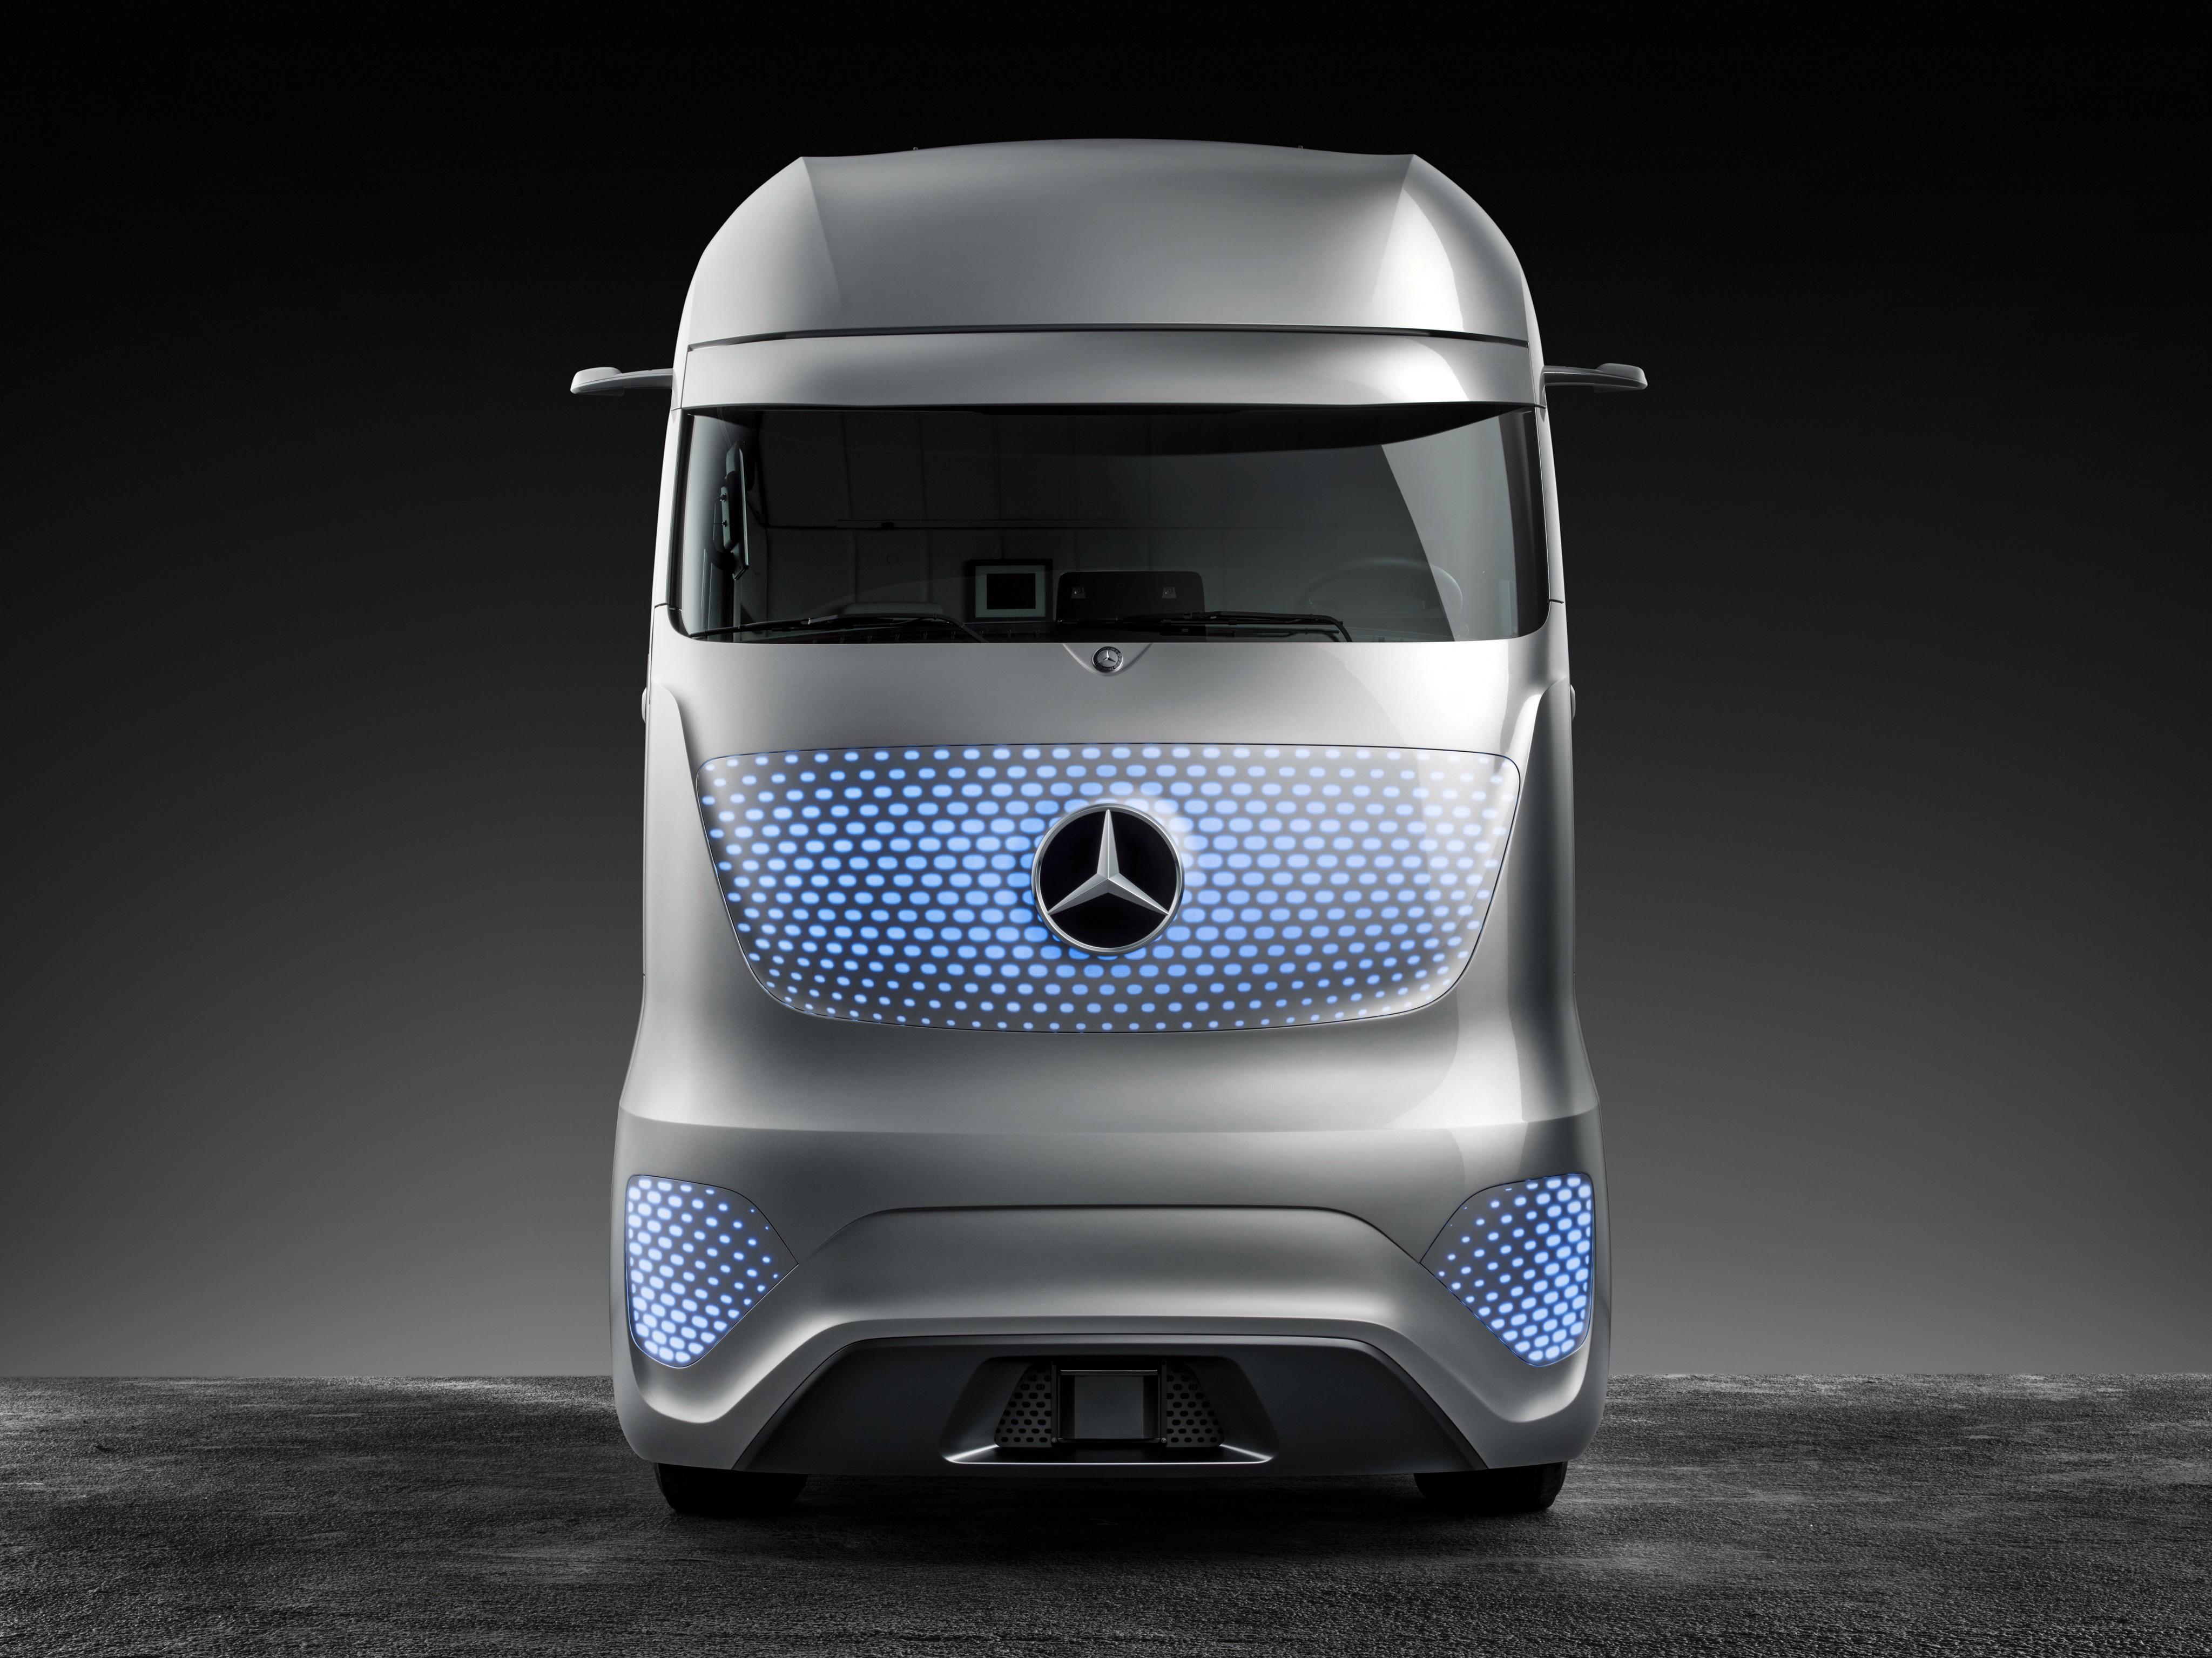 ... Cars & Bikes / Concepts: Mercedes-Benz Future Truck 2025, future cars